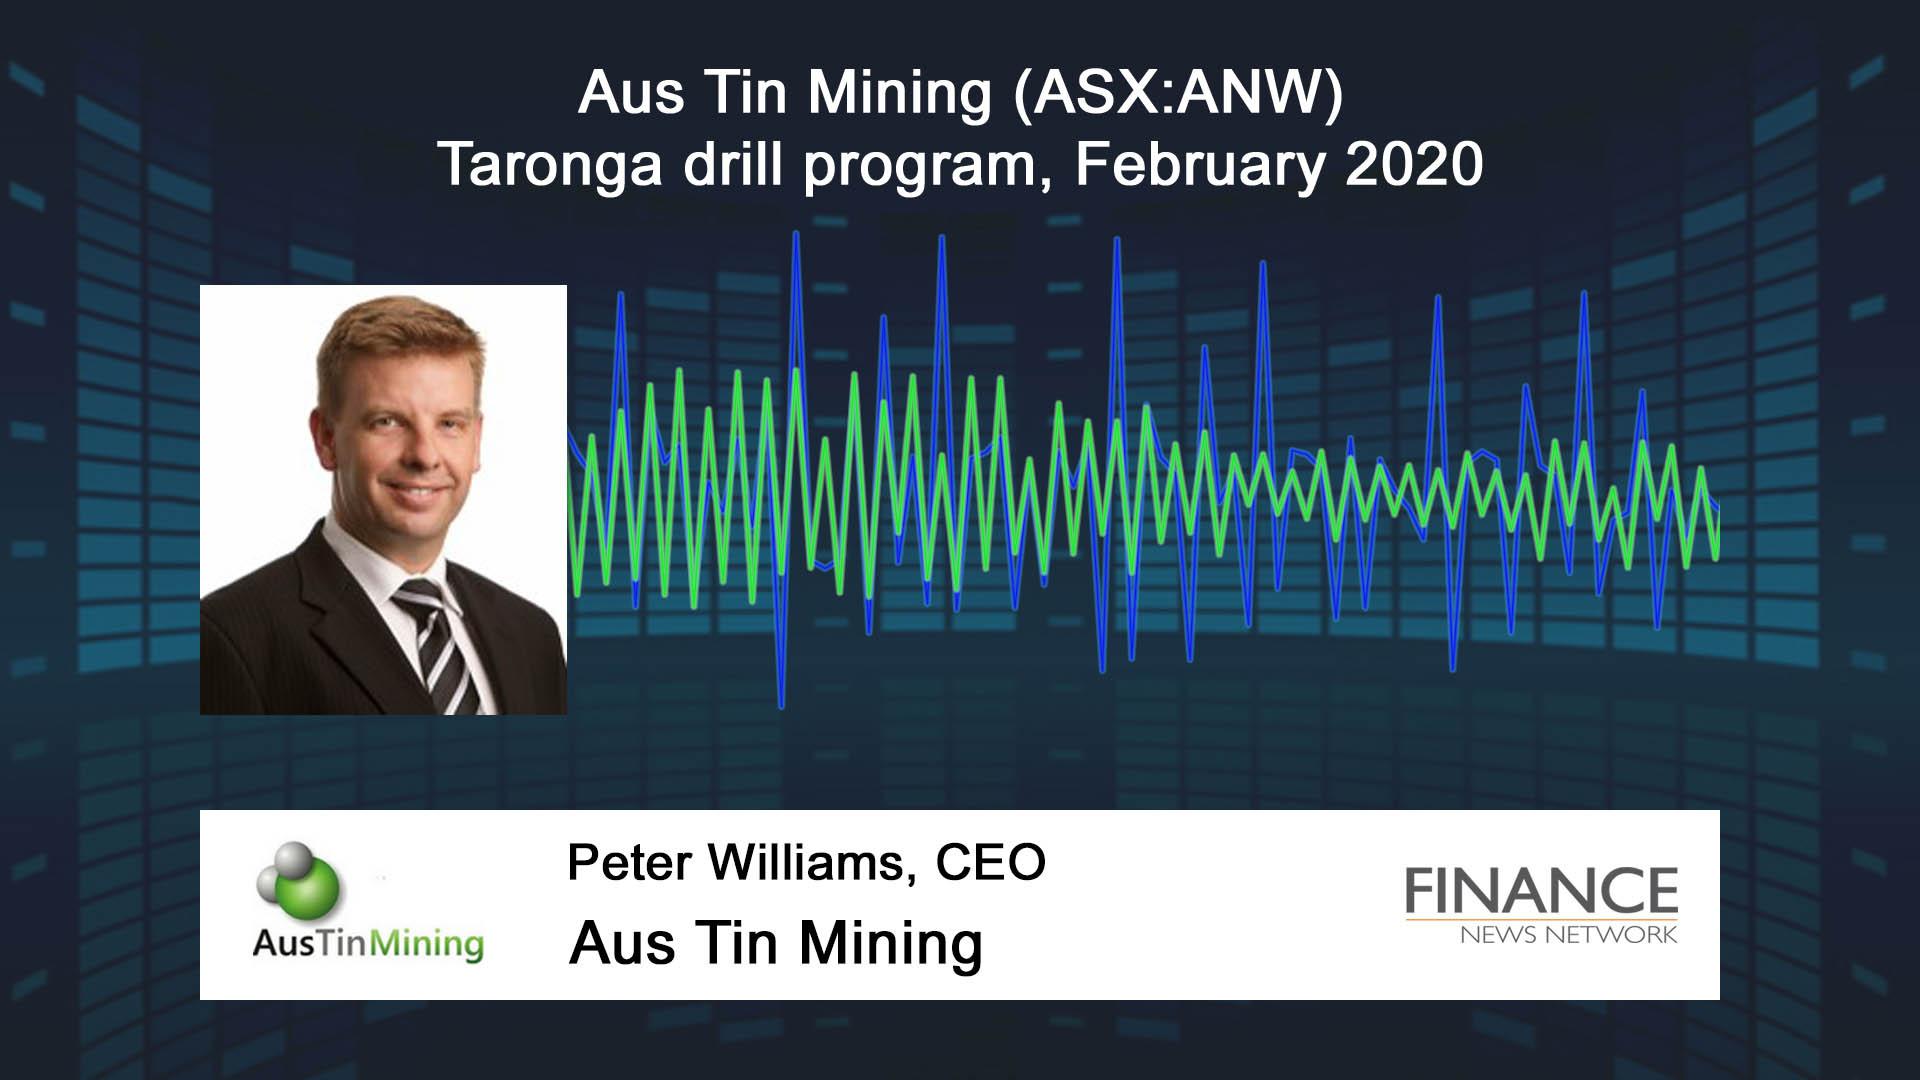 Aus Tin Mining (ASX:ANW) Taronga drill program